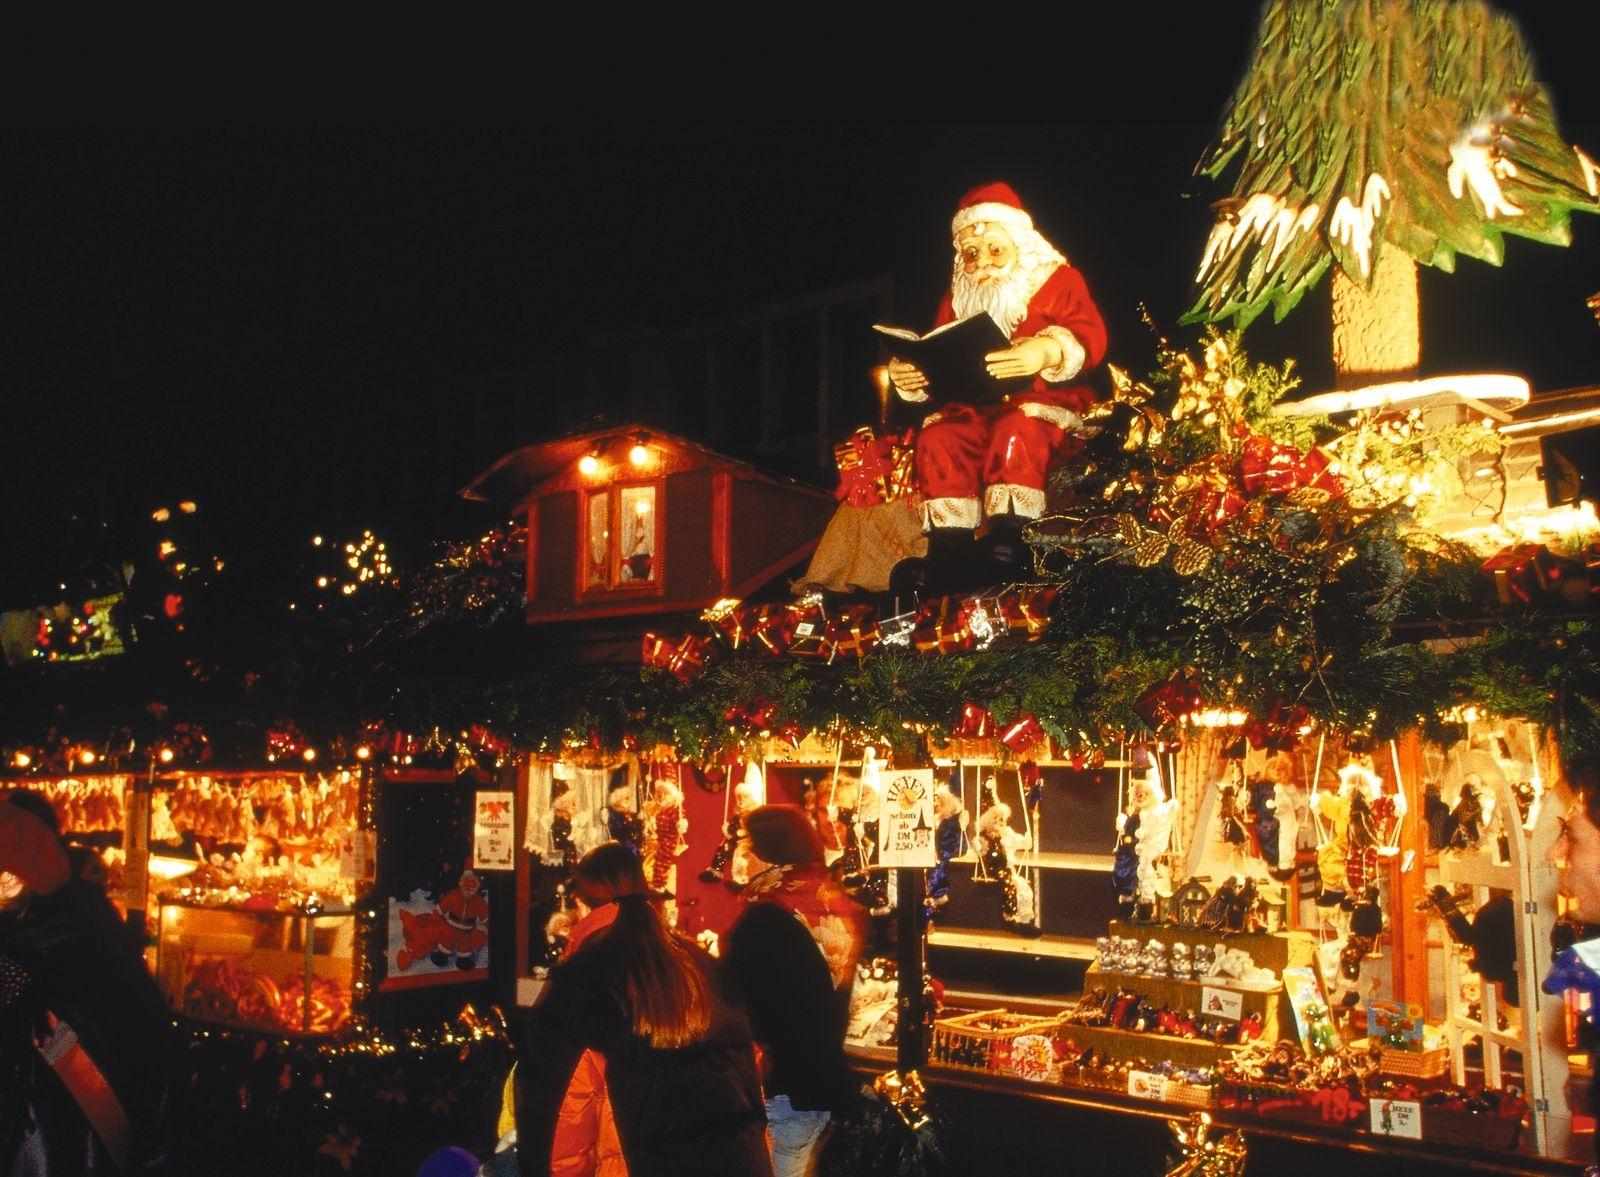 Shooping in Deutschland ist bei ausländischen Gästen hoch im Kurs - gerade zu Weinnachten (Foto: Weihnachtsmarkt Stuttgart/Stuttgart Tourismus)